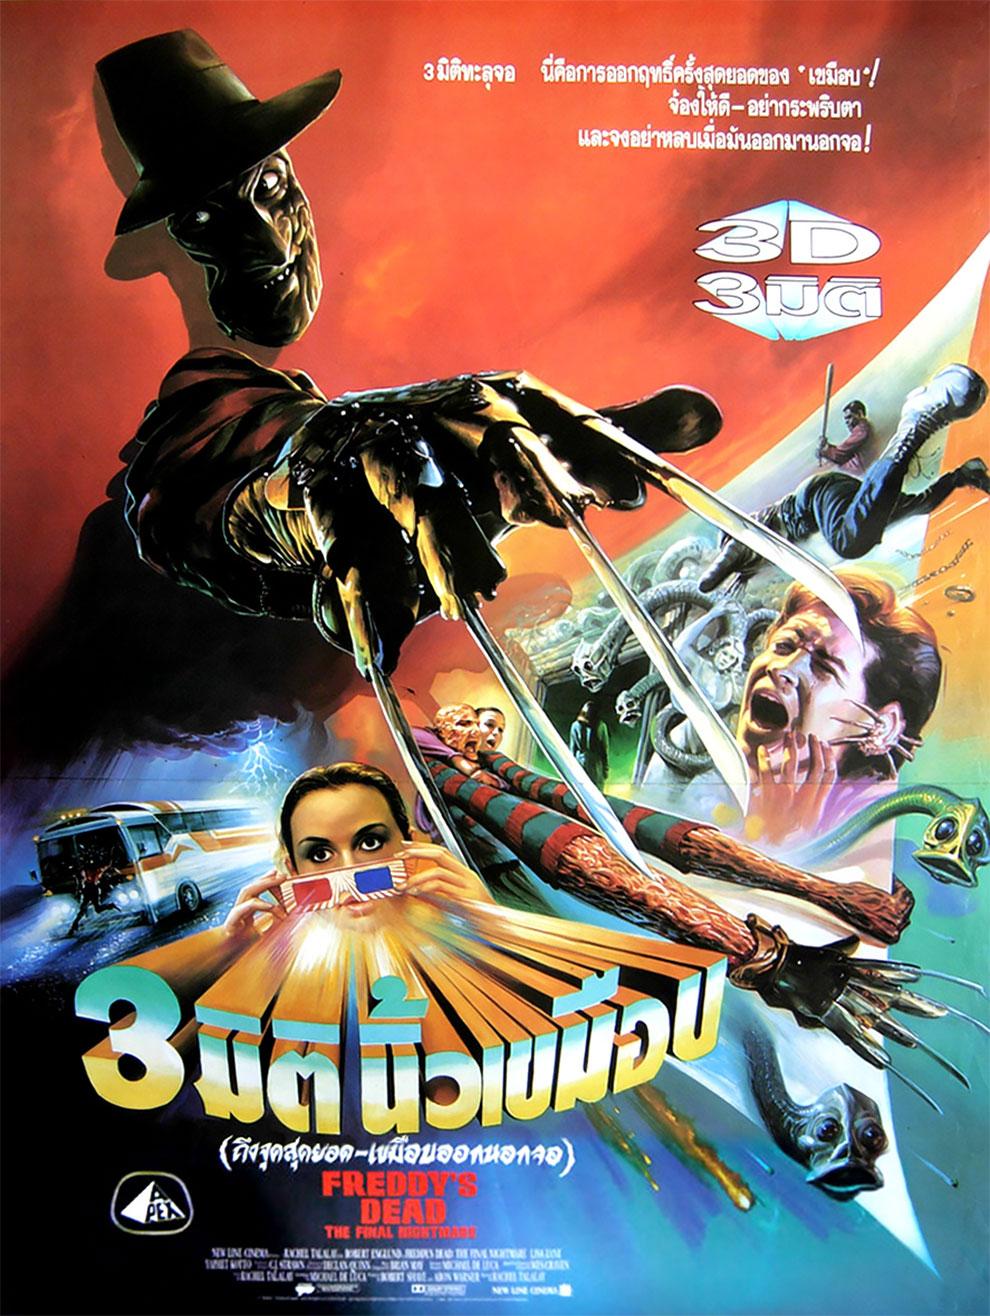 Cartazes tailandeses de filmes antigos são verdadeiras obras de arte